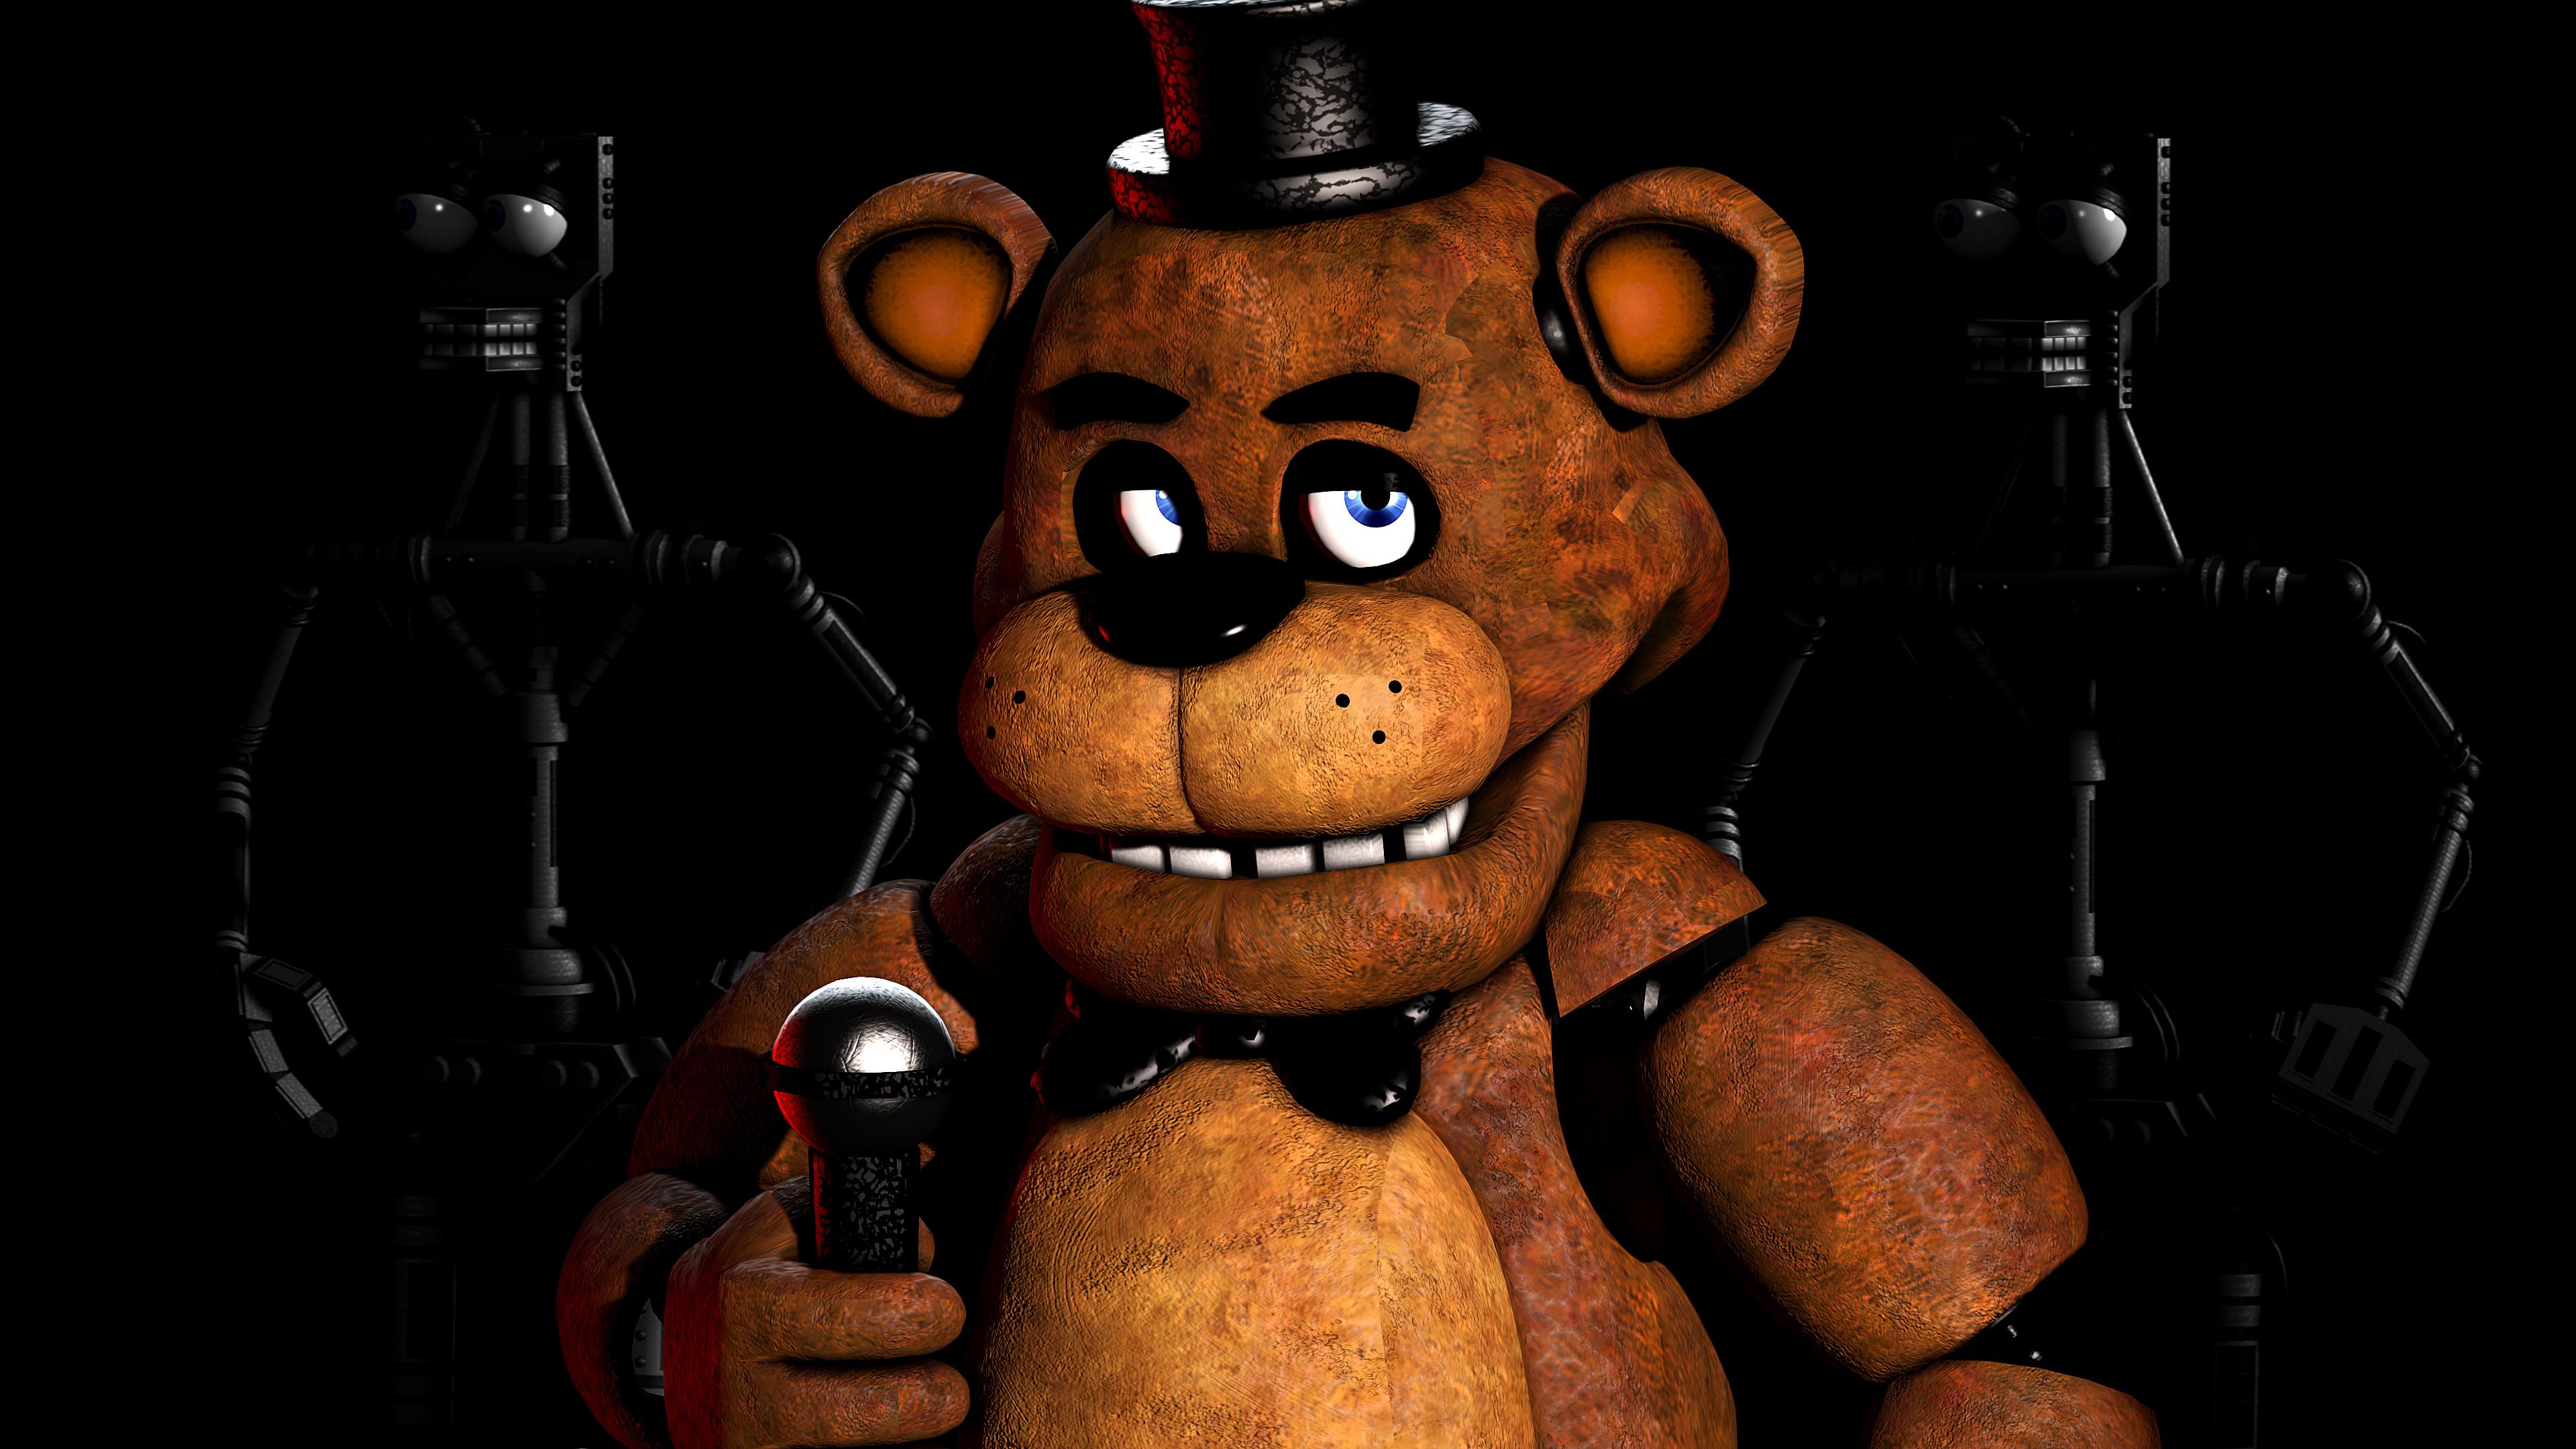 [SFM 4k] FNAF 1 Freddy Poster by EvilDoctorRealm on DeviantArt